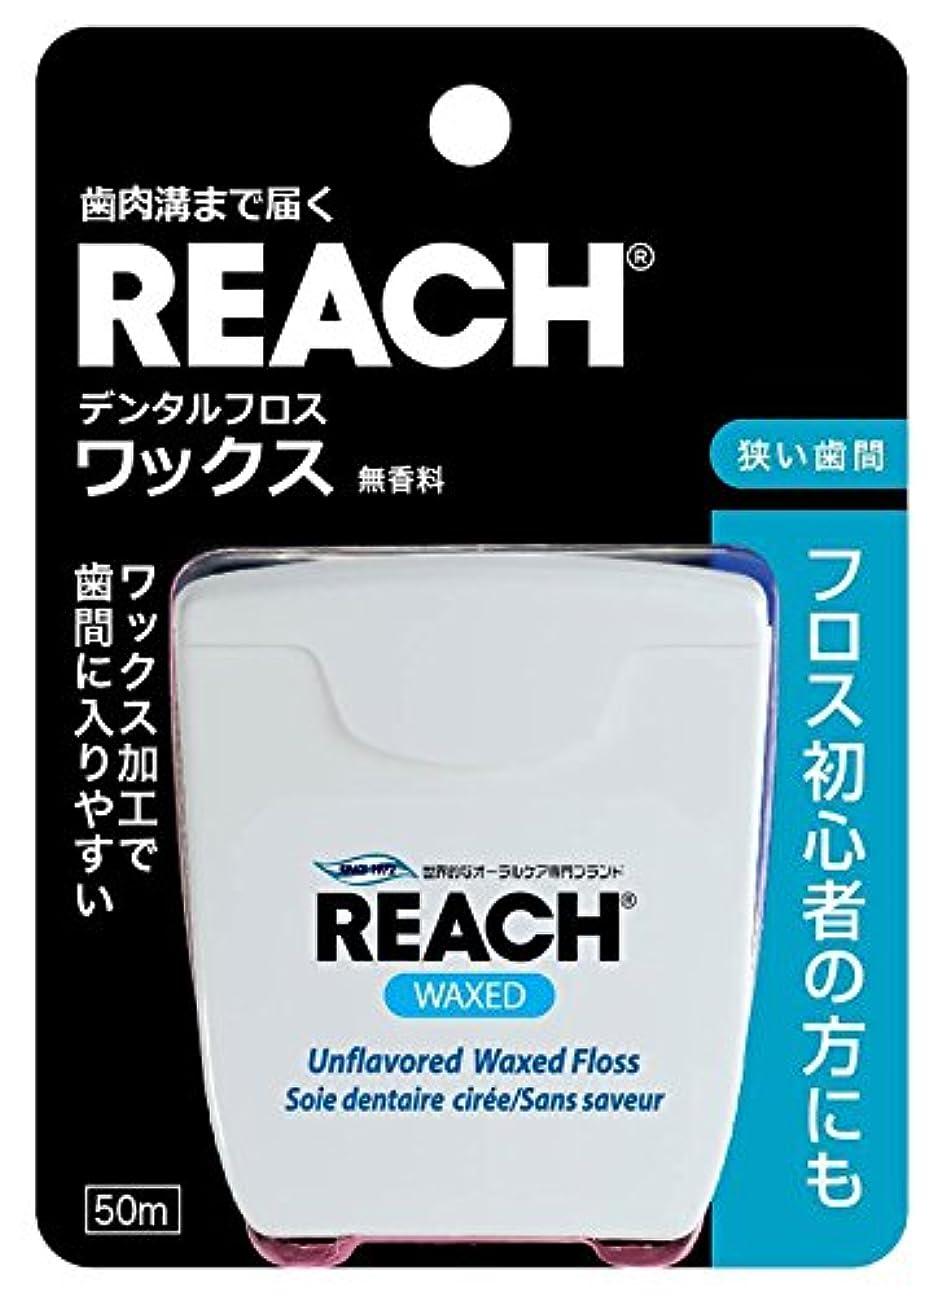 短くする熟練したポーチREACH(リーチ) リーチデンタルフロス ワックス 50M 単品